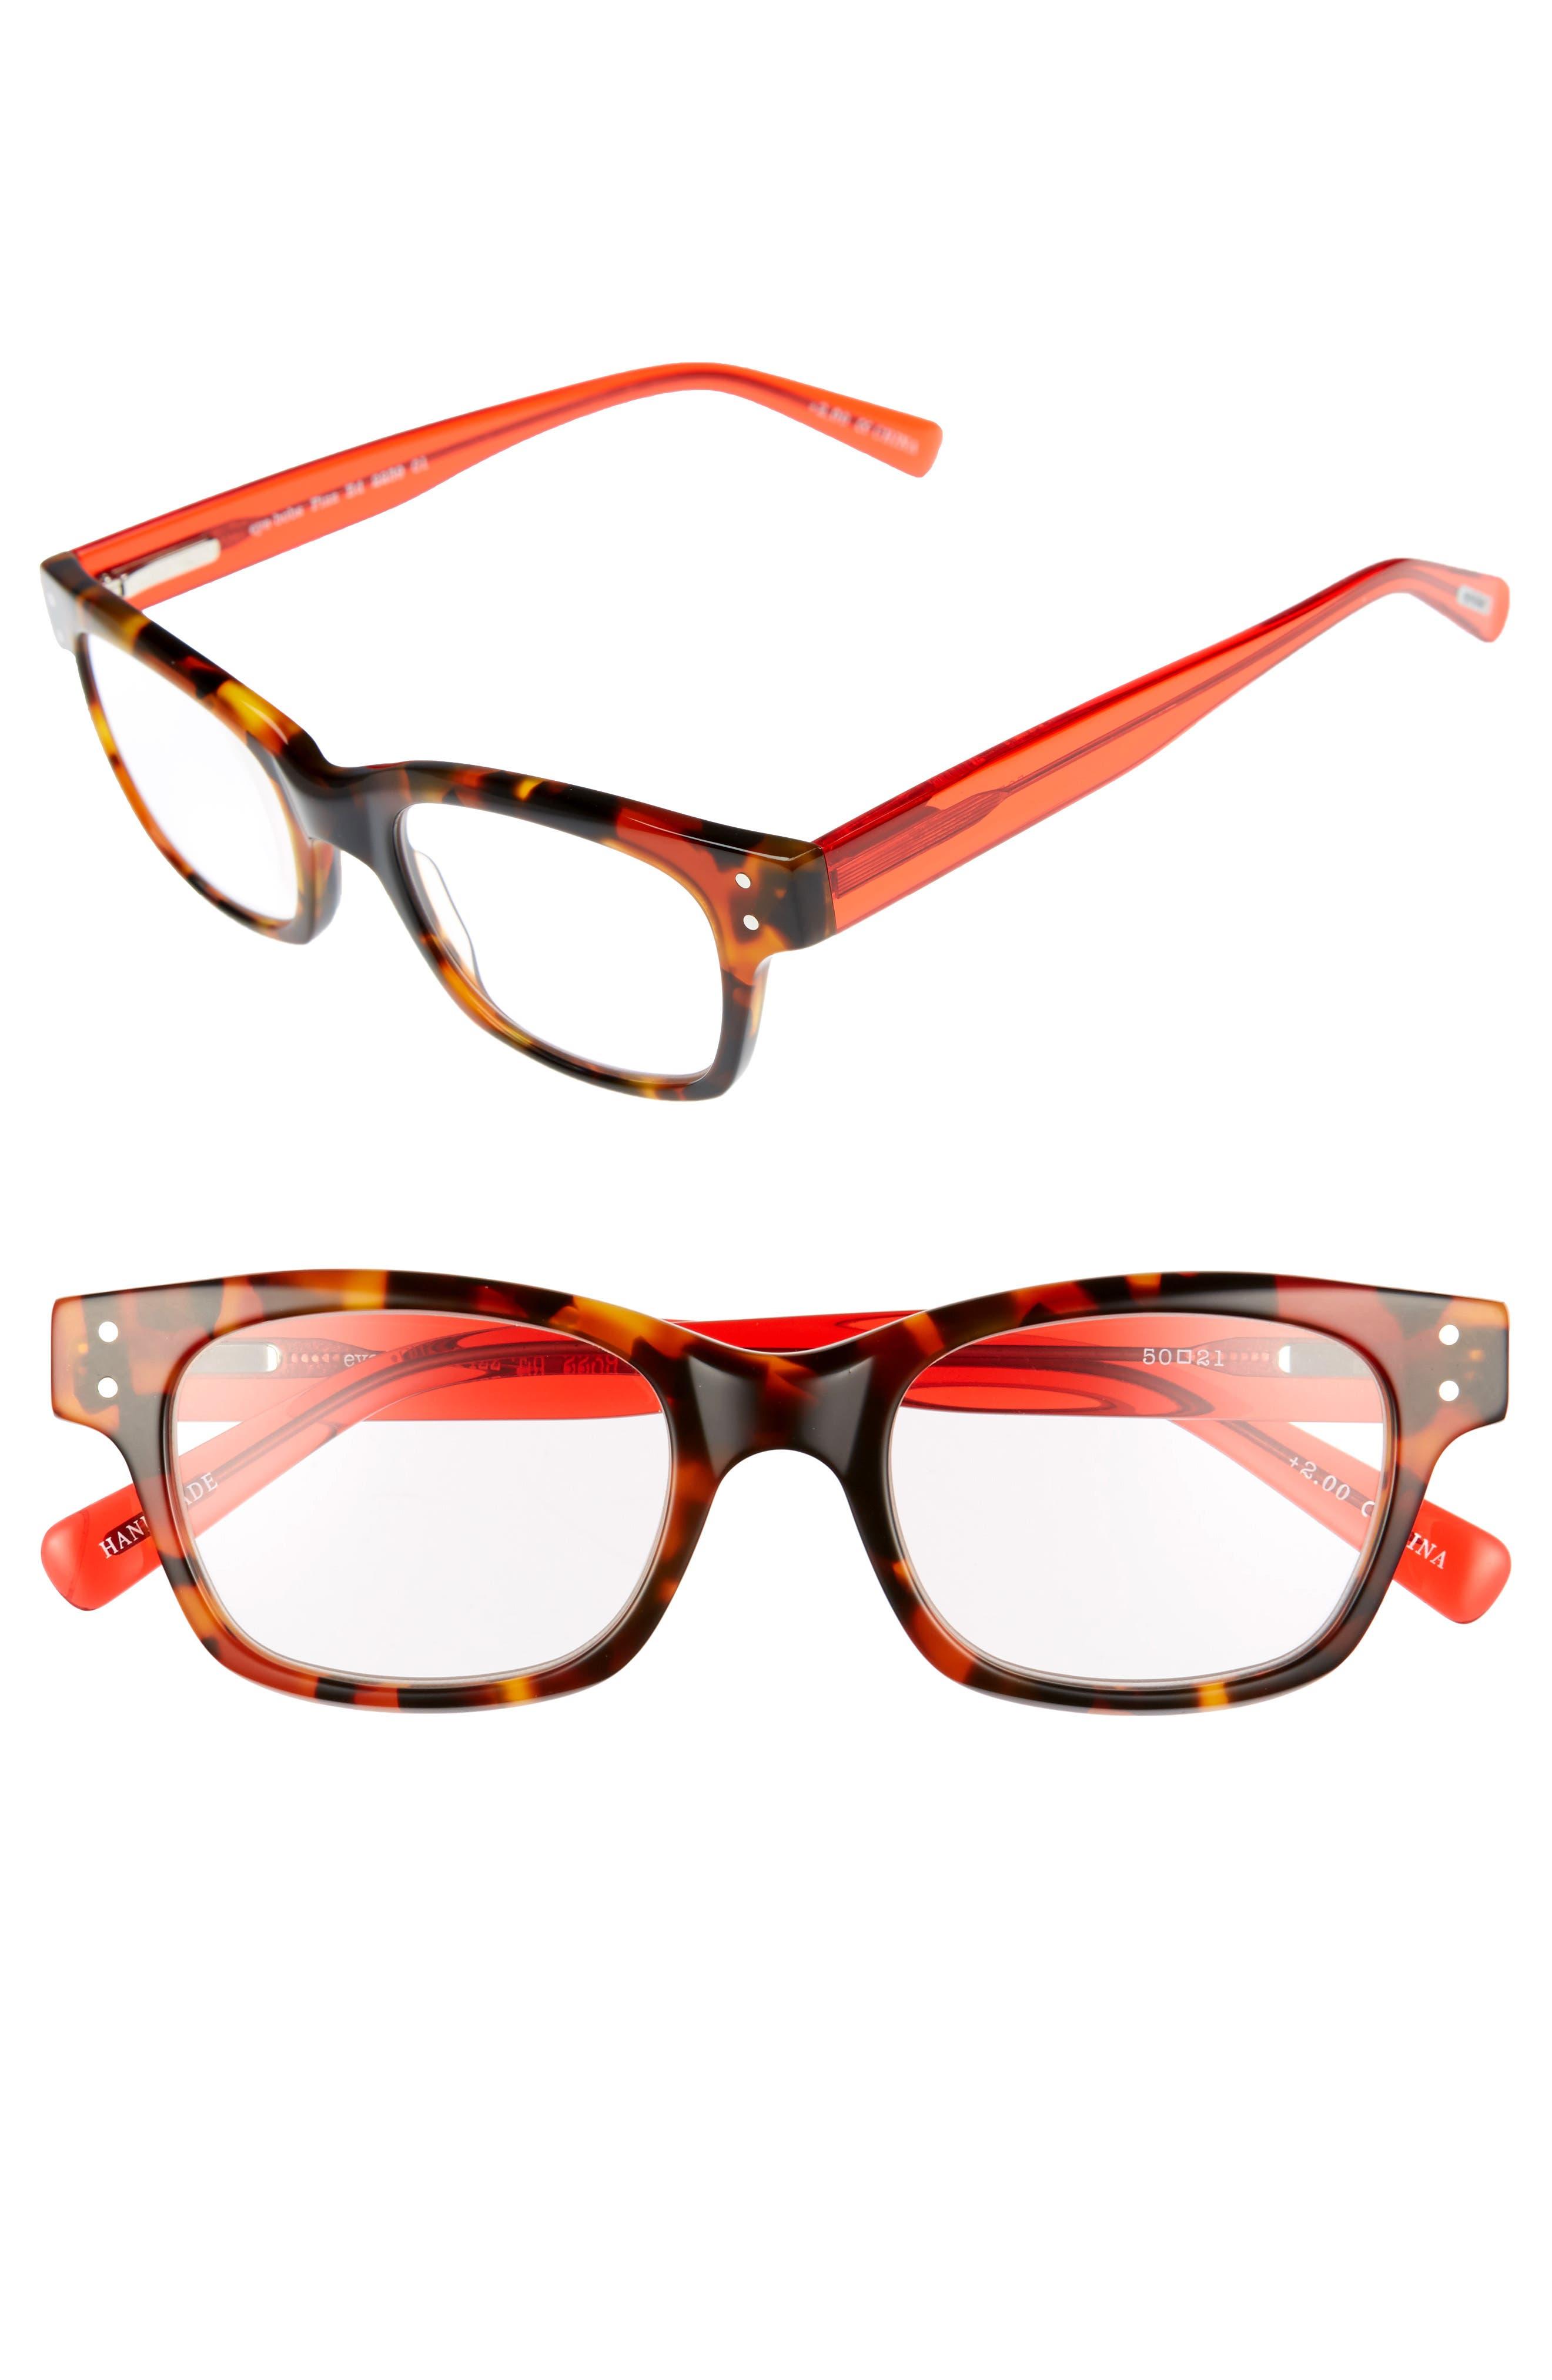 Eyebobs Fizz Ed 50mm Reading Glasses